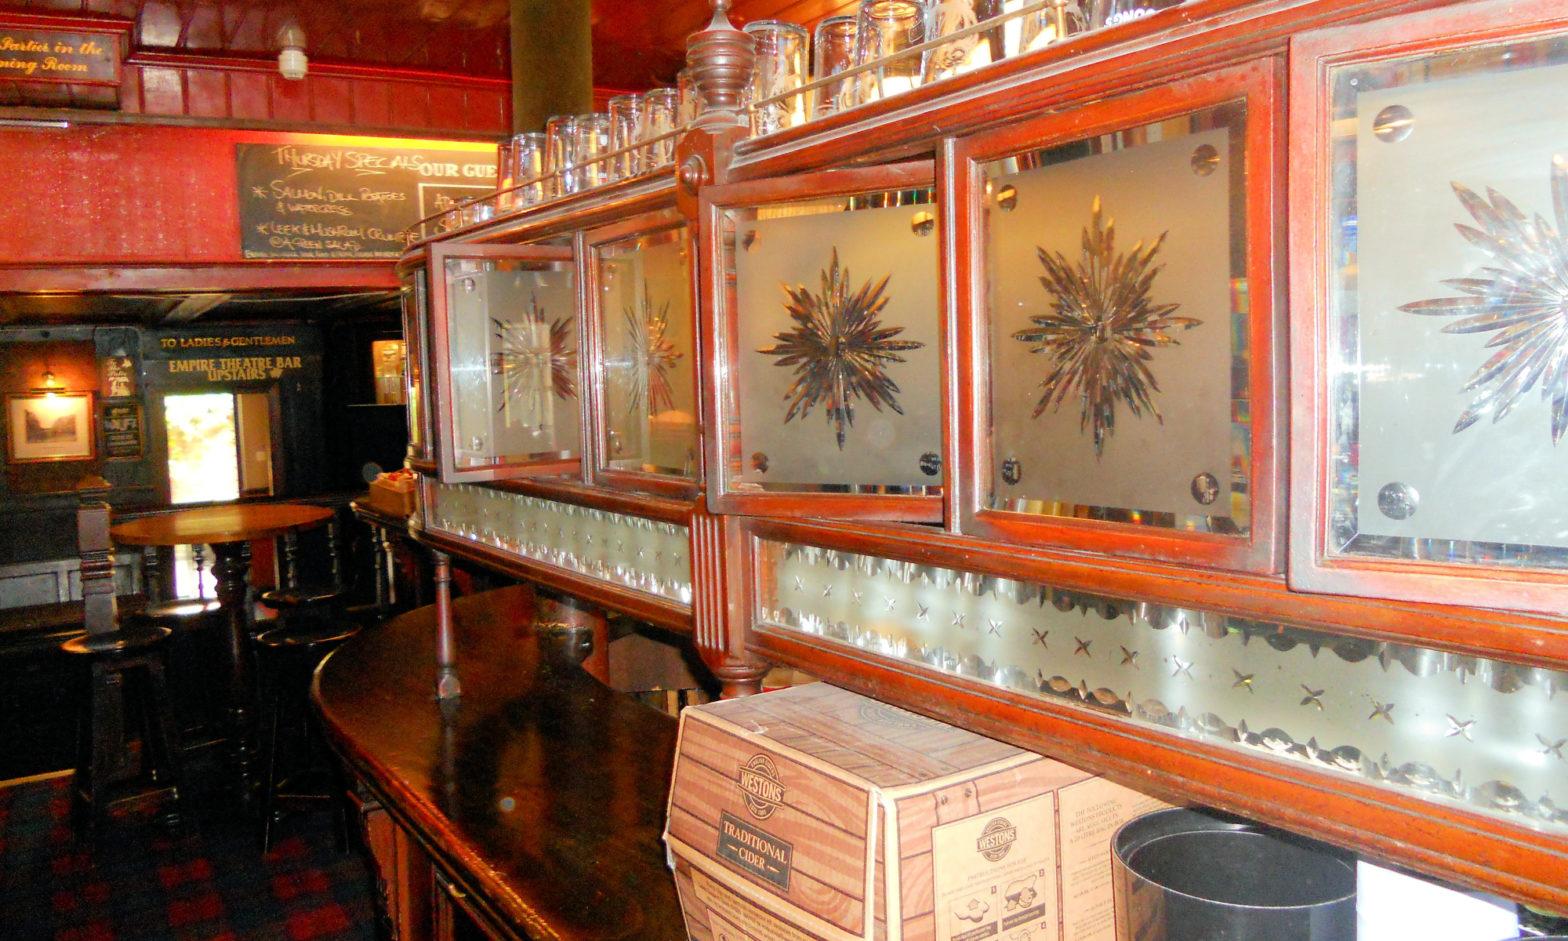 Hiottua lasia englantilaisessa pubissa